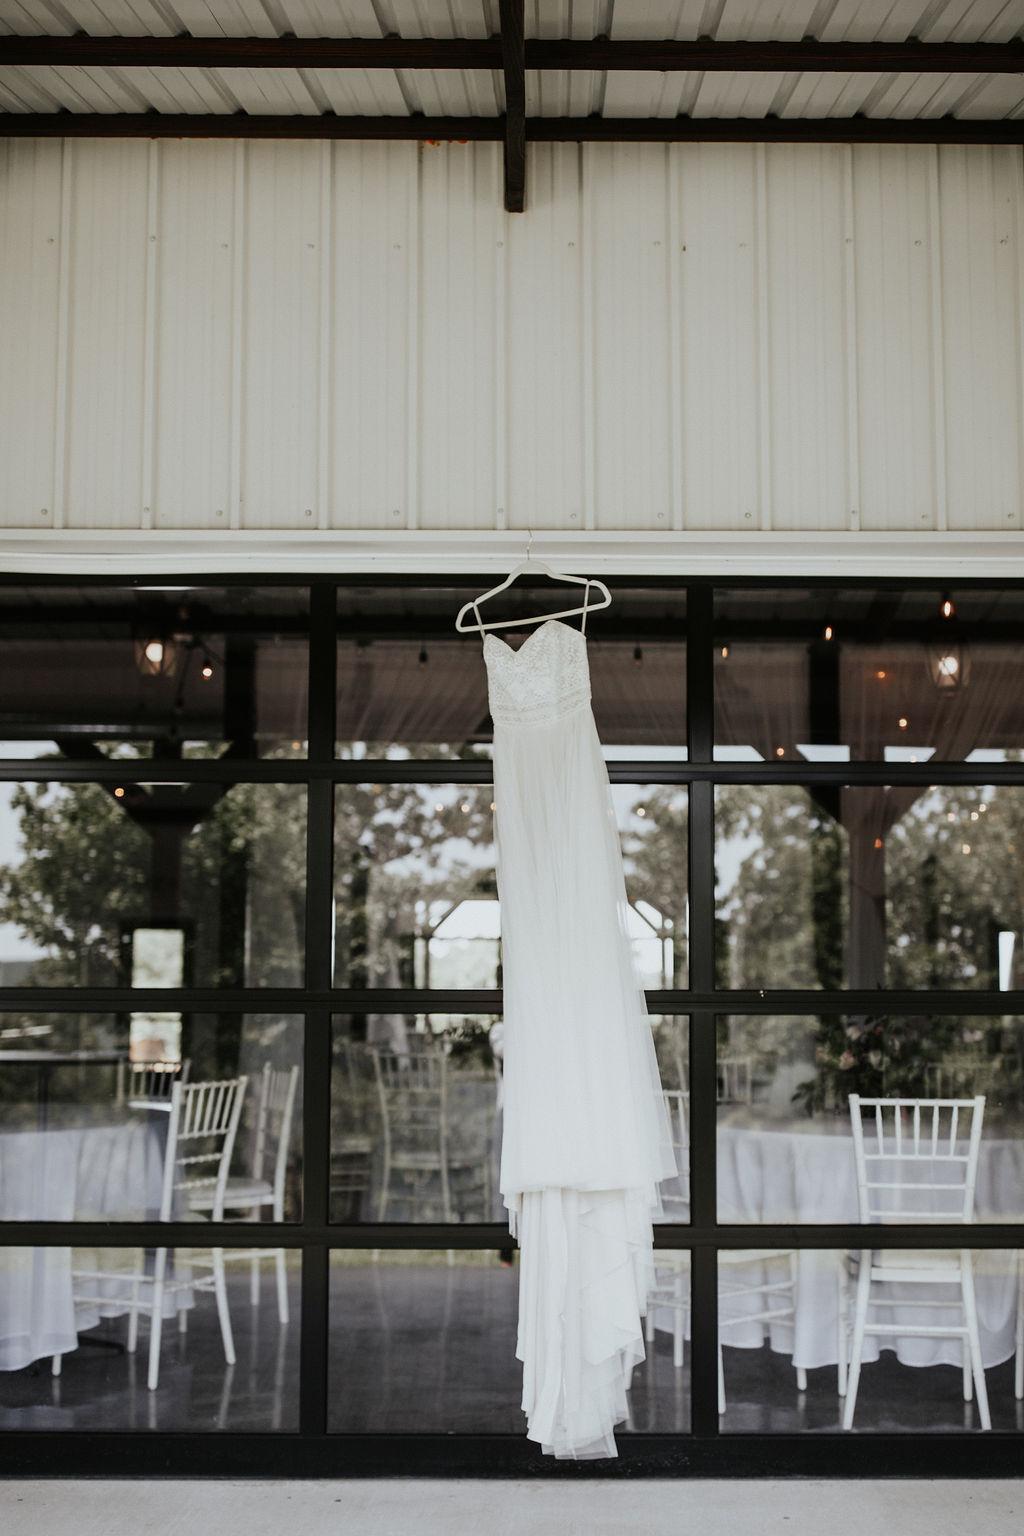 Tulsa Outdoor Wedding Venues 7.jpg